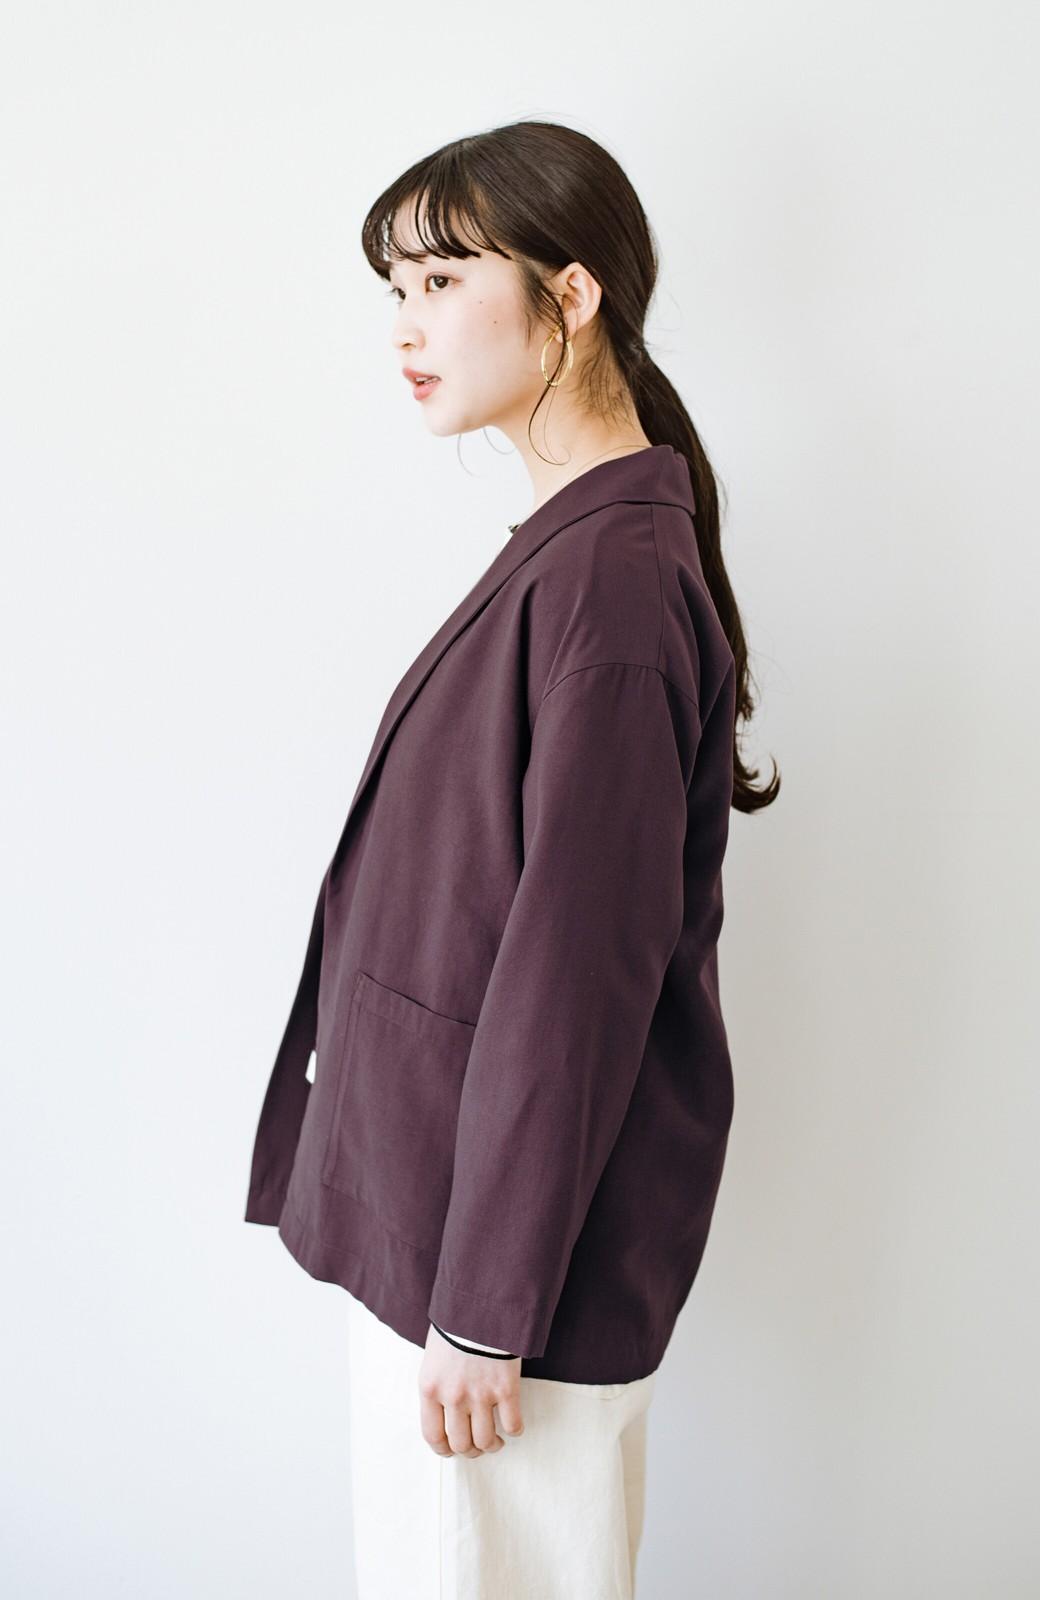 haco! さらりと羽織ってきれい見え カジュアルにも着られてほどよいきちんと感が頼りになるリラックスジャケット <チョコ>の商品写真14